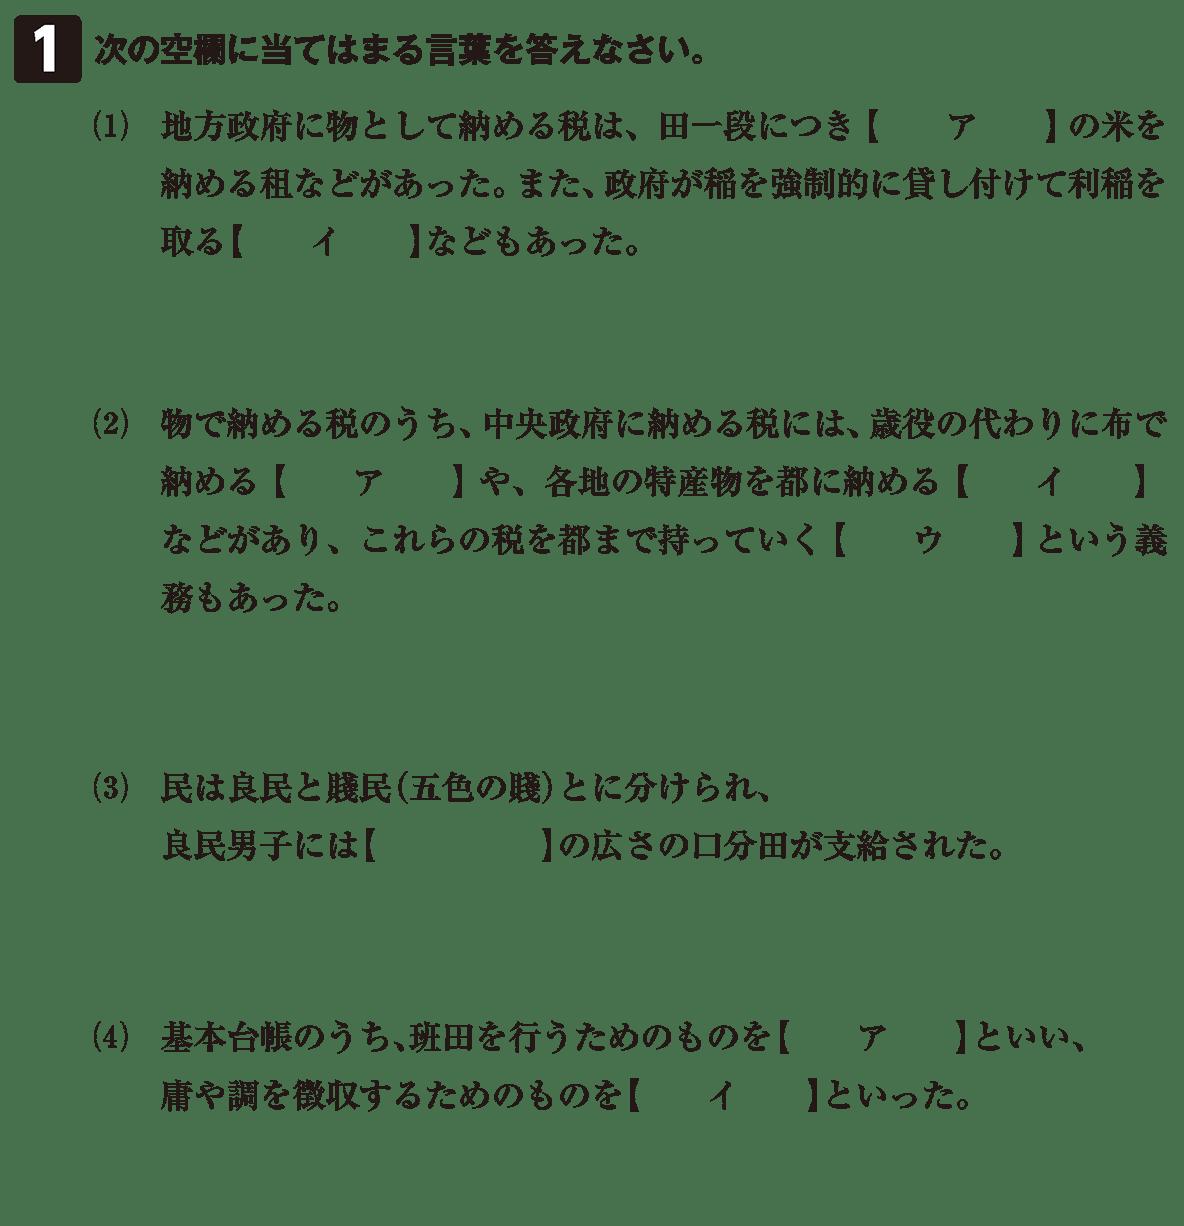 律令制度6 問題1 問題